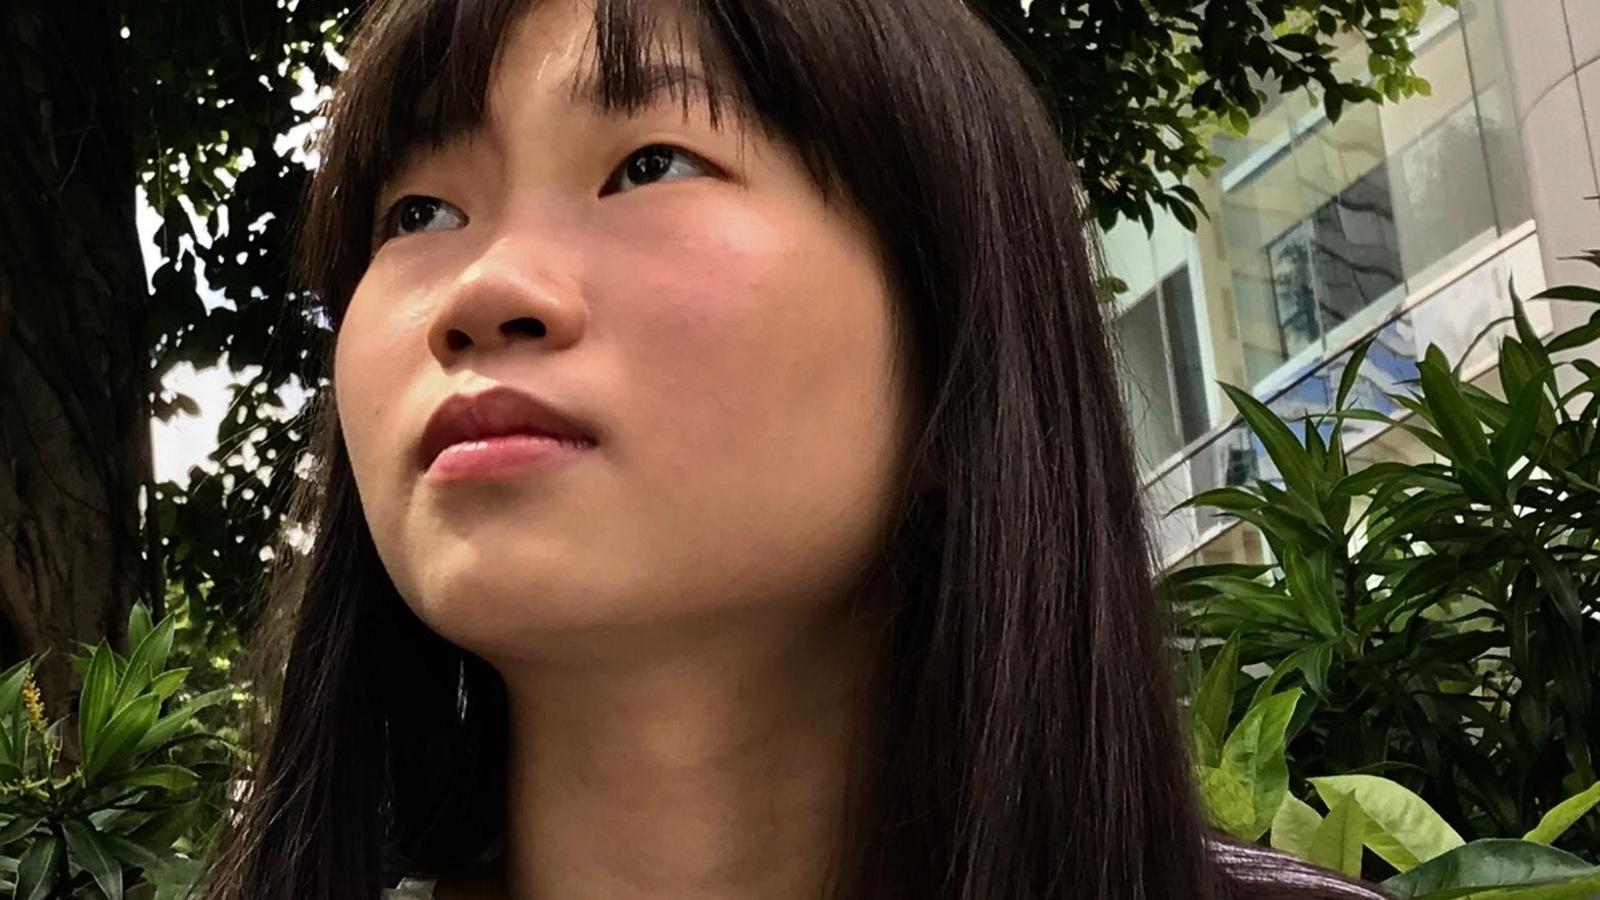 Pinky, jeune hongkongaise, juin 2017